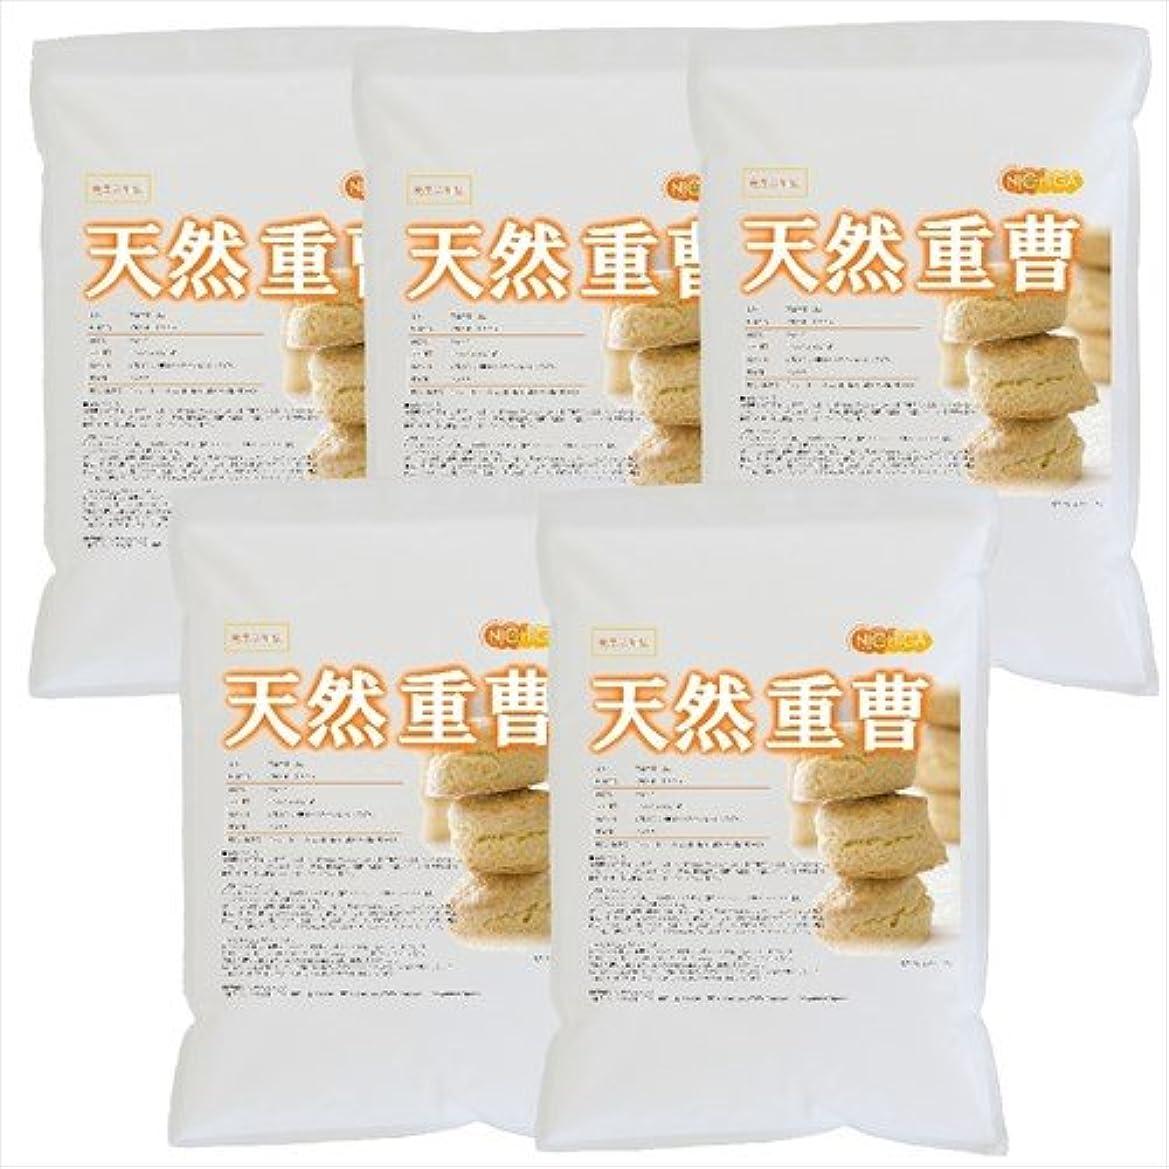 縮れたバイソン不良天然 重曹 5kg×5袋 [02] 【同梱不可】 炭酸水素ナトリウム NICHIGA(ニチガ)